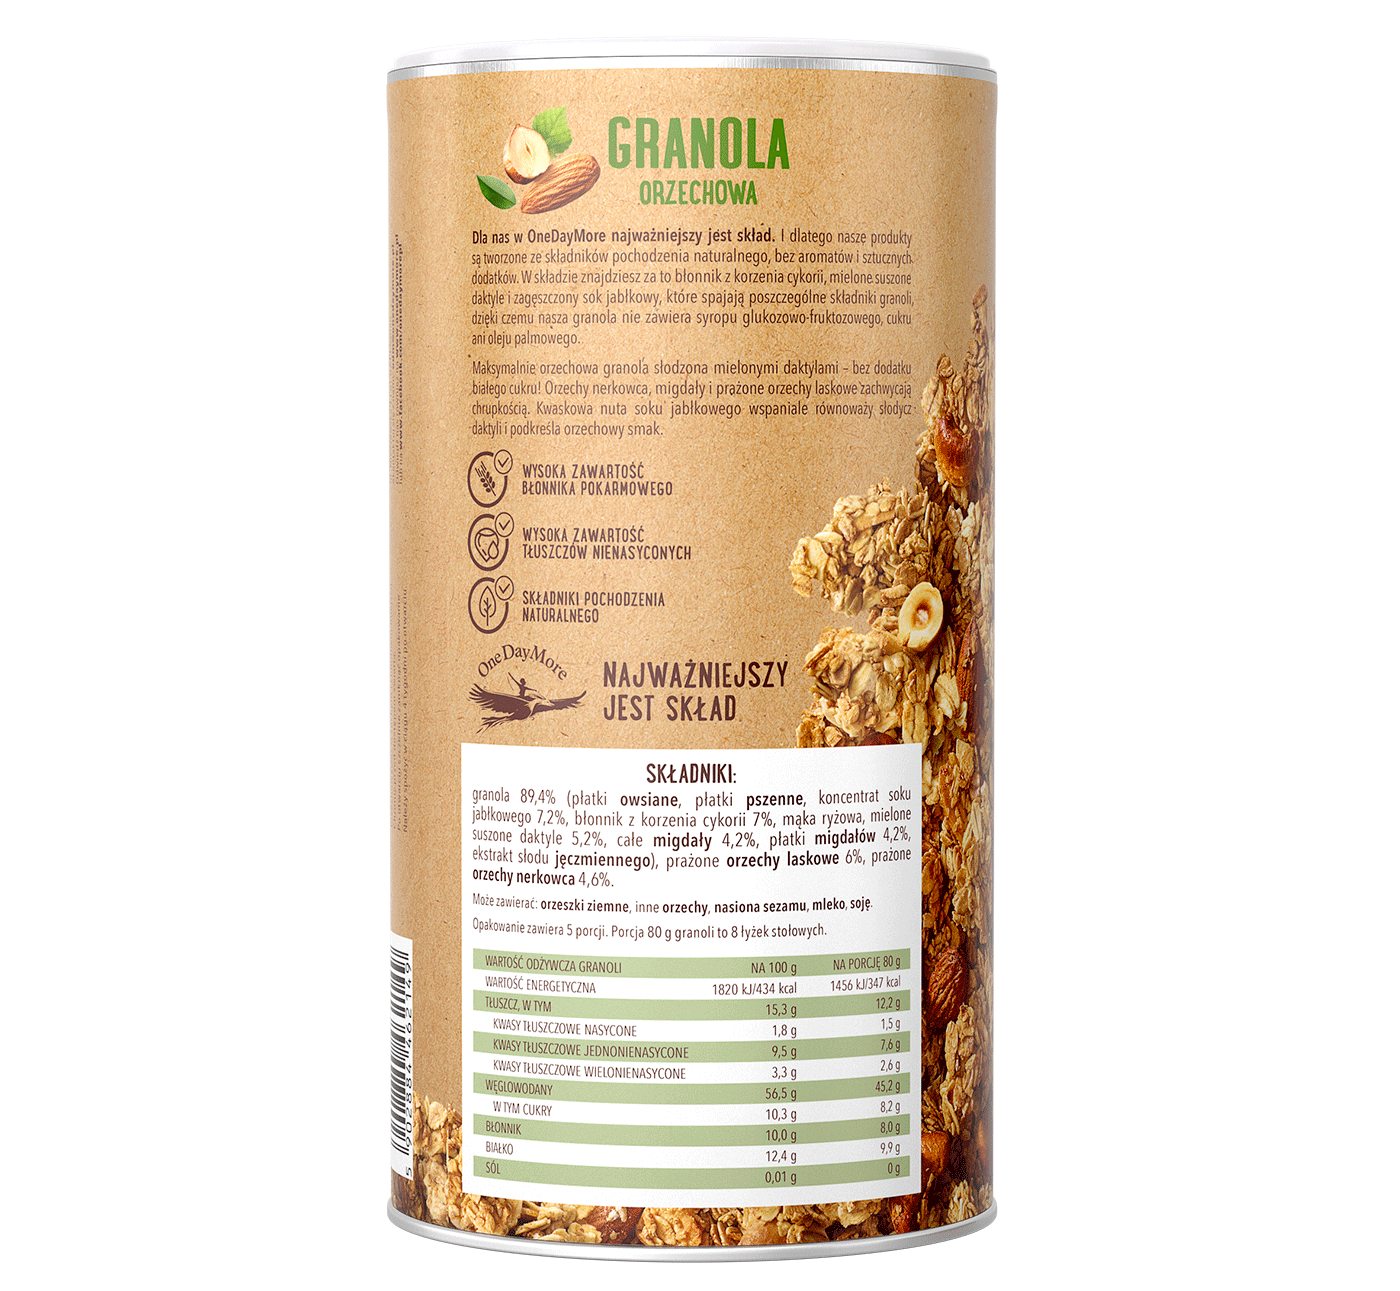 granola-orzechowa-onedaymore-tuba-tyl-1400×1291